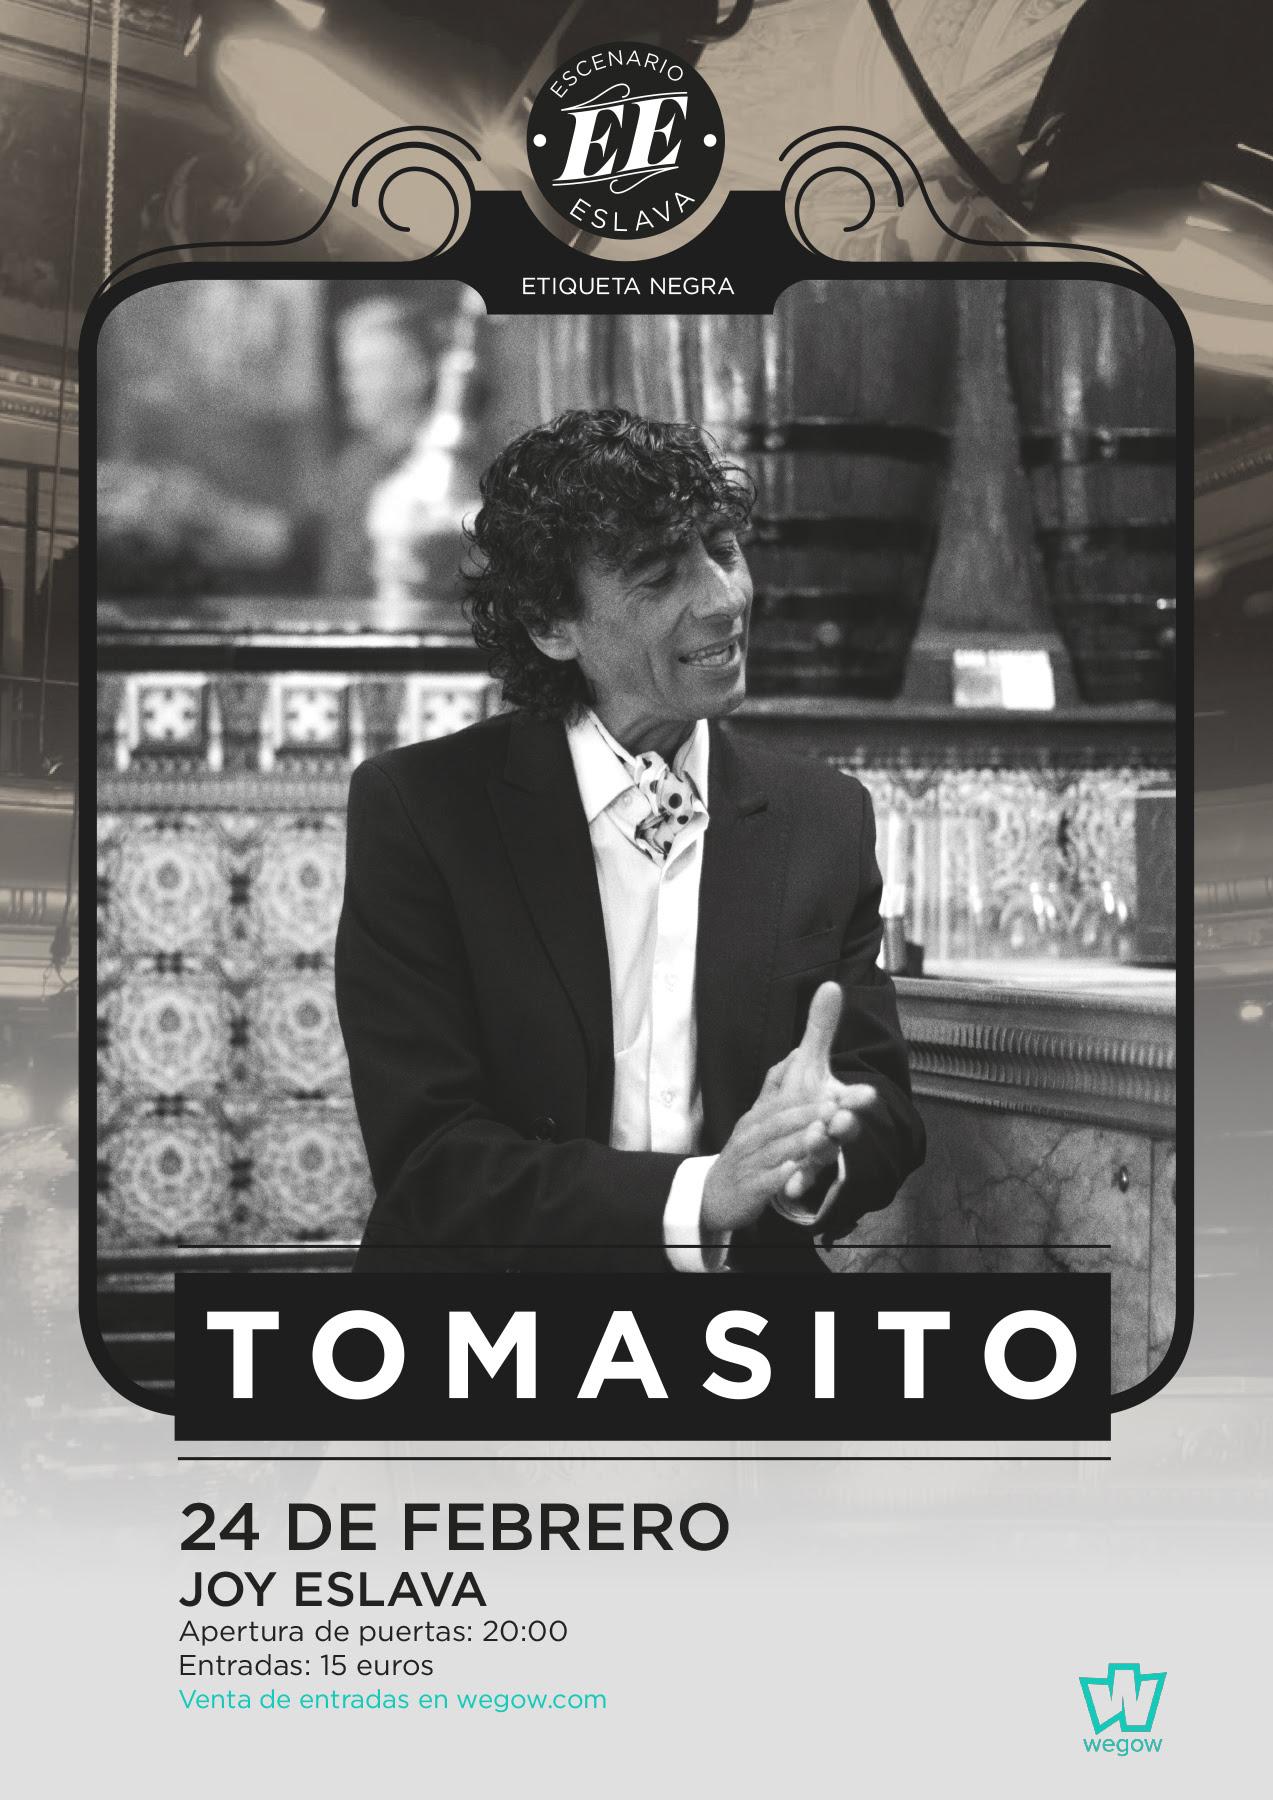 Tomasito - Ciudadano Gitano